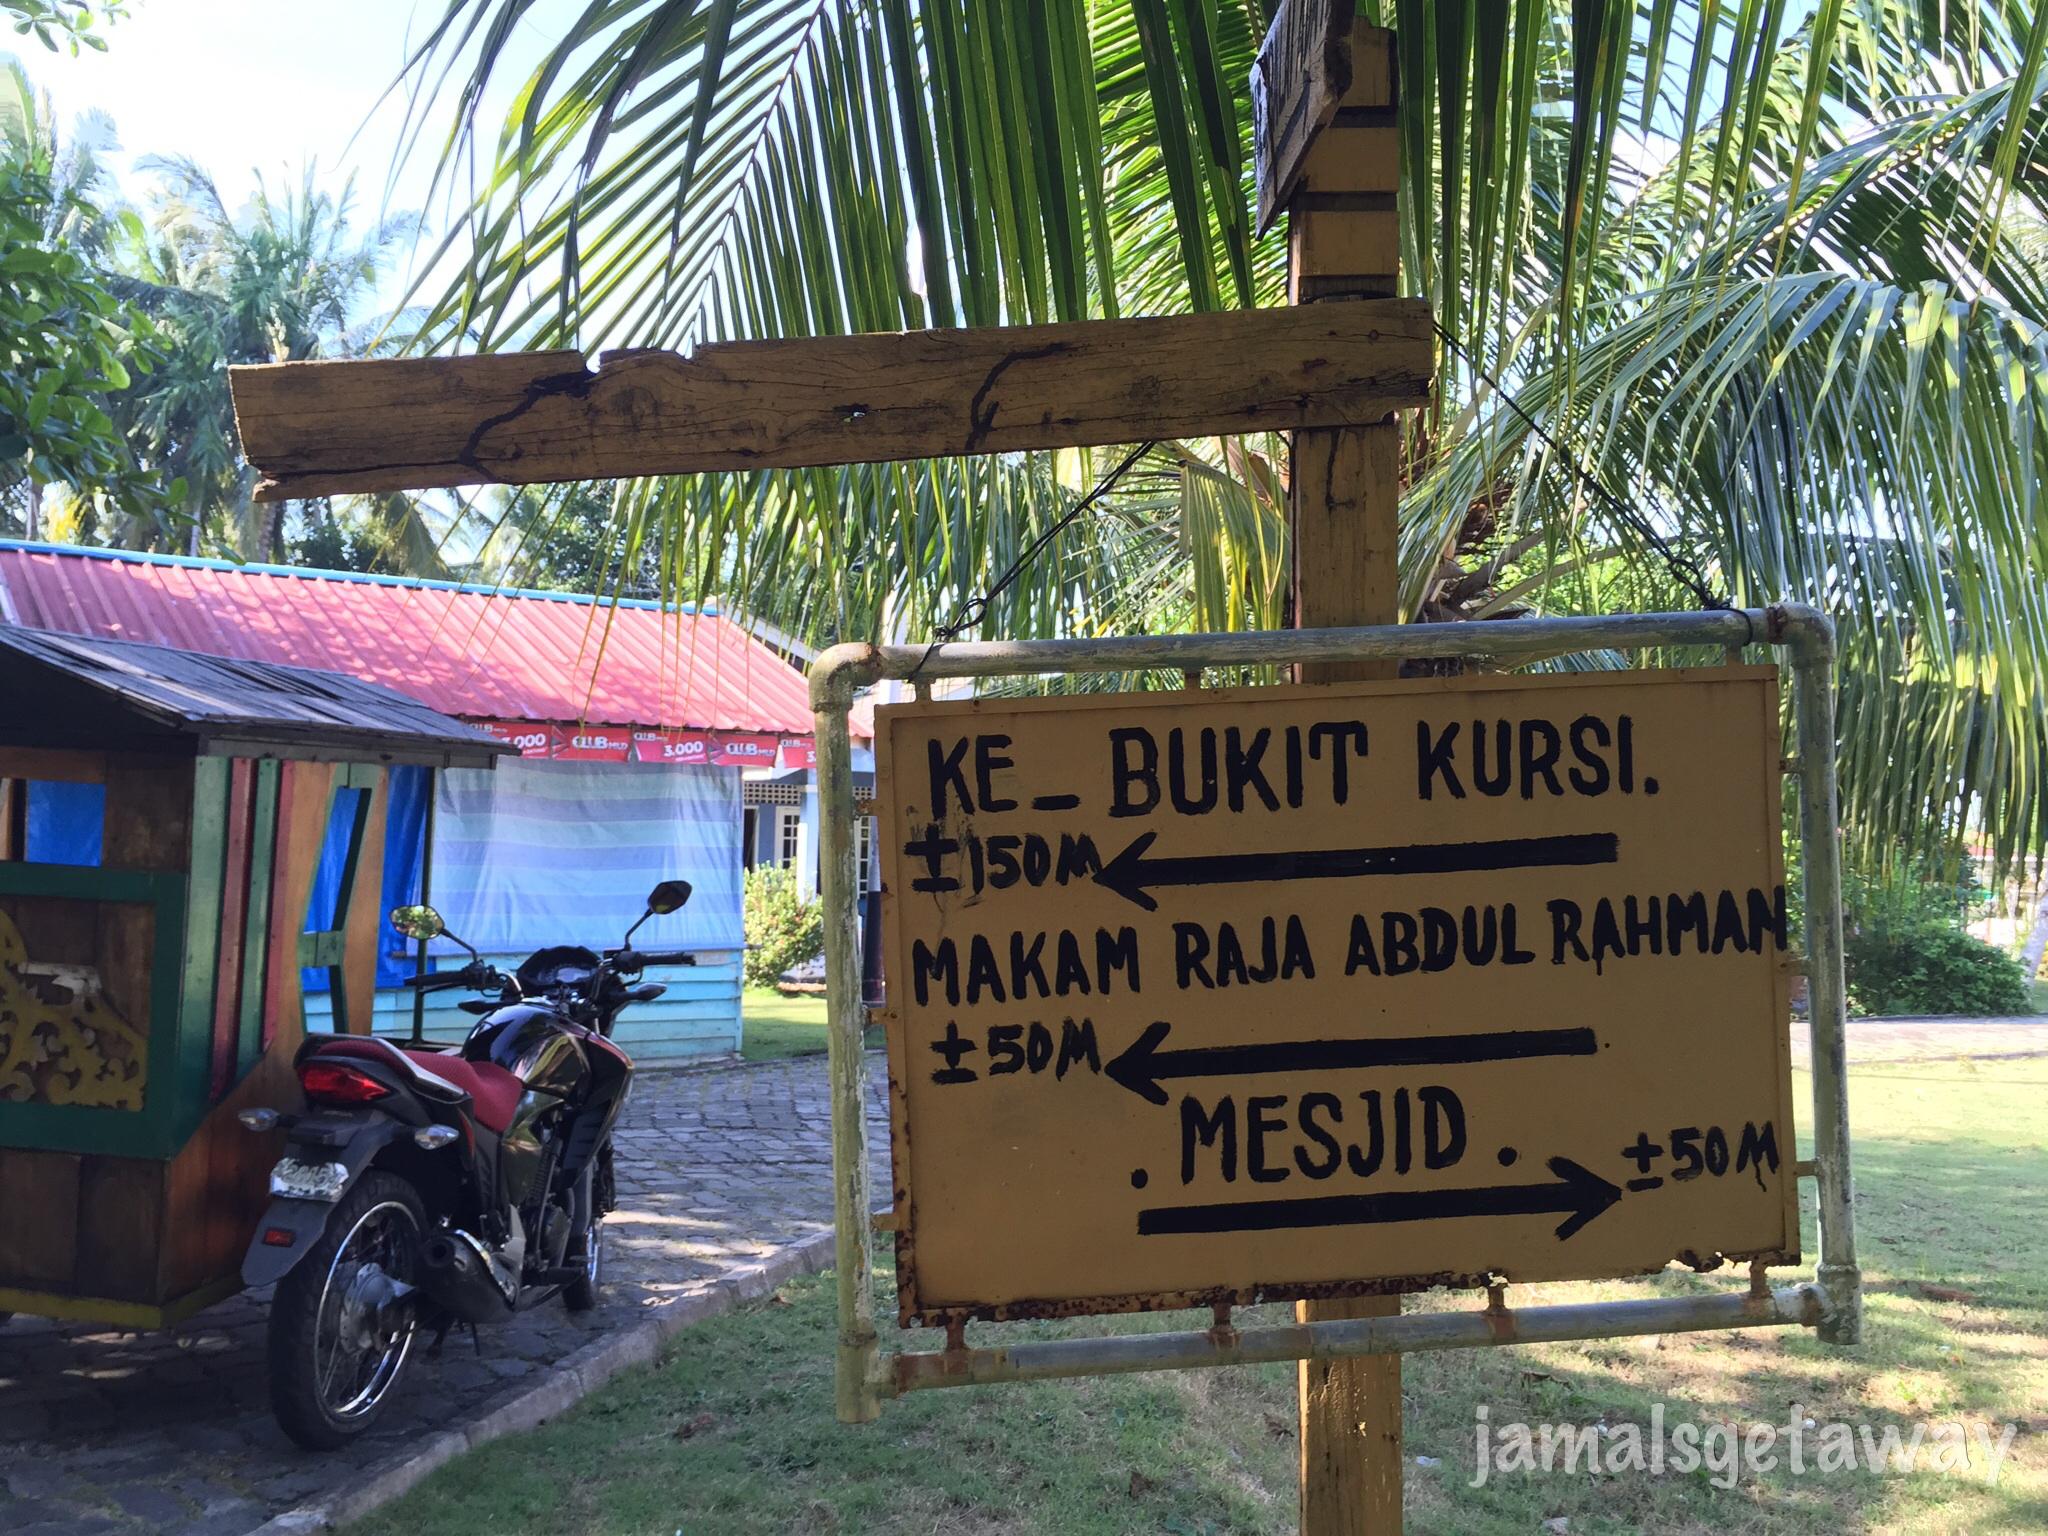 Mengenal Peninggalan Kesultanan Melayu Pulau Penyengat Papan Penunjuk Jalan Bukit